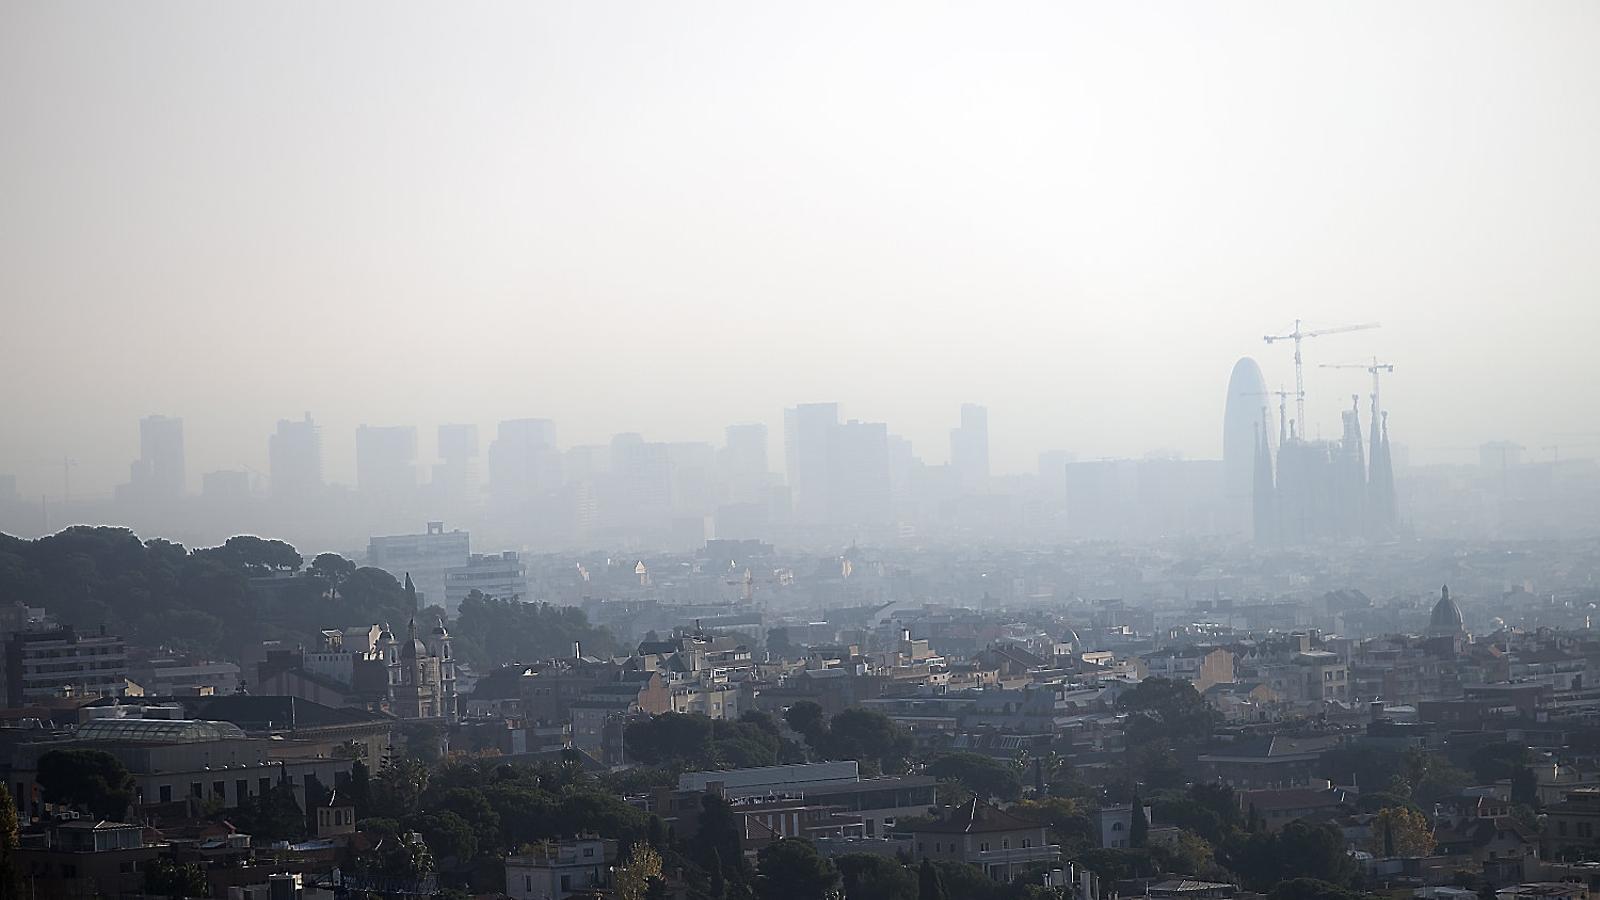 Gas natural, el combustible alternatiu  per ajudar a millorar la qualitat de l'aire